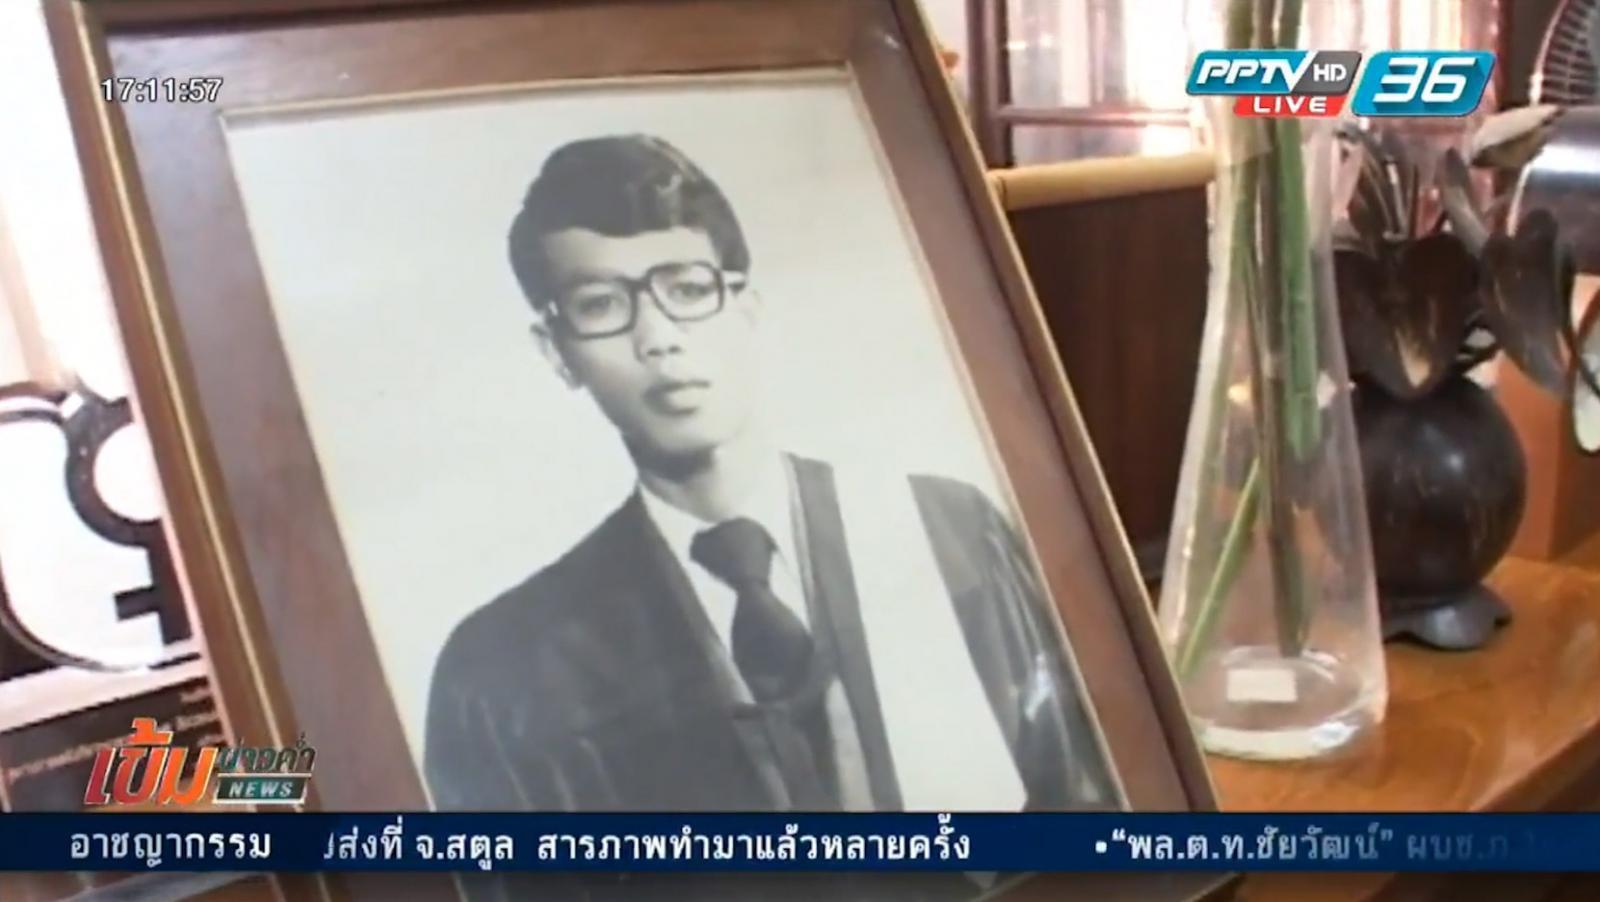 """ออกแคมเปญ รื้อคดี """"ทนายสมชาย"""""""